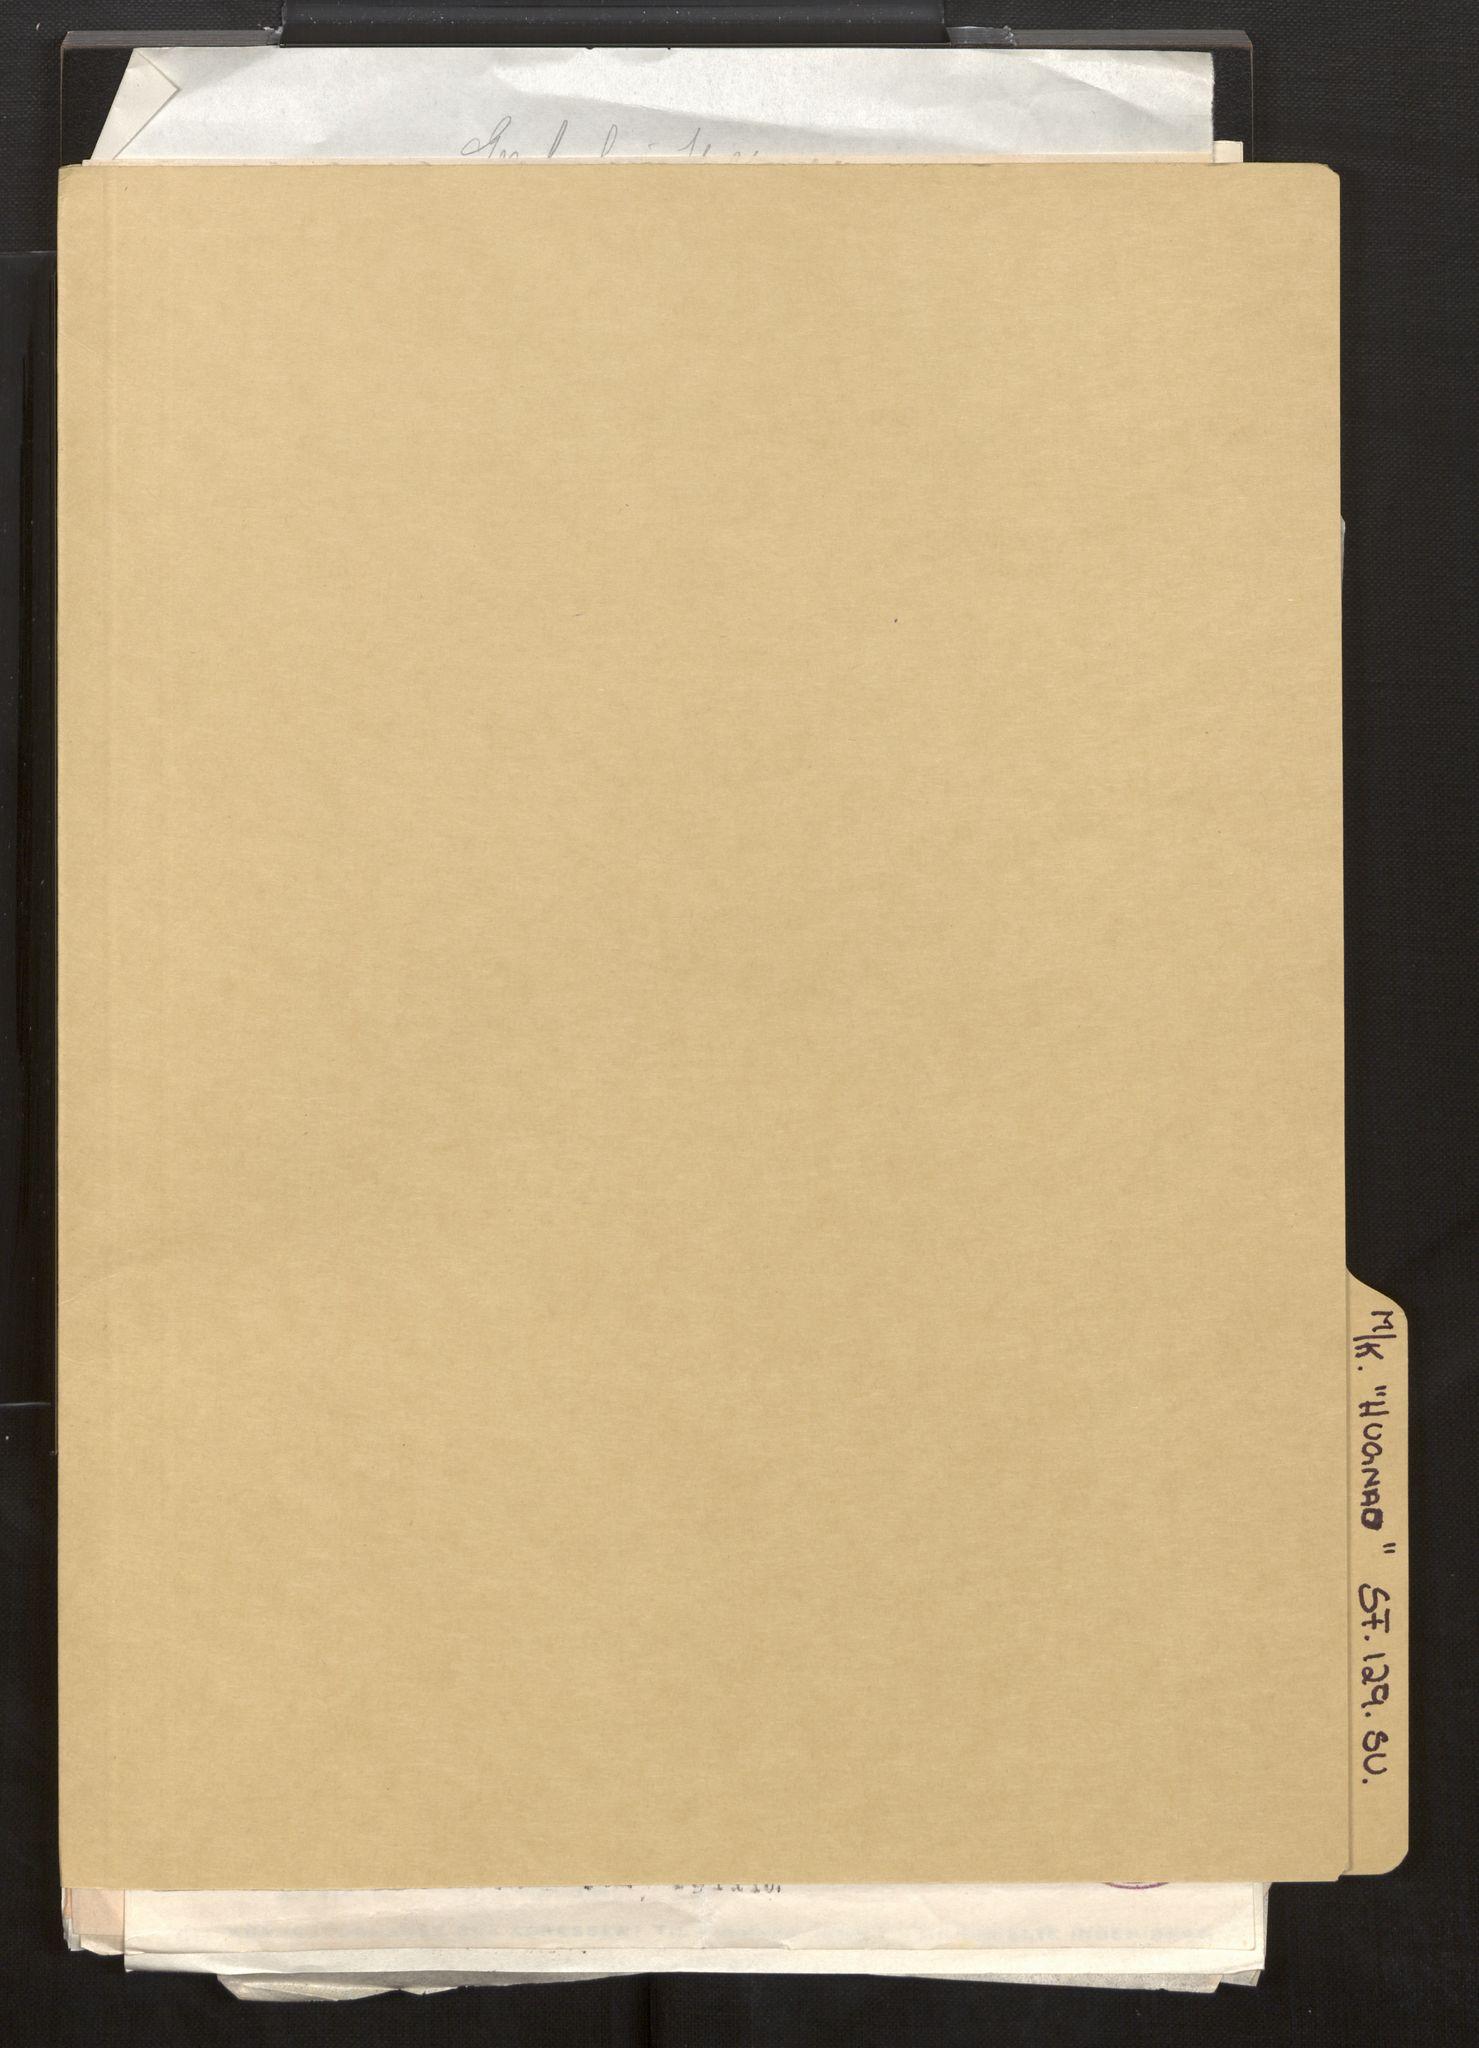 SAB, Fiskeridirektoratet - 1 Adm. ledelse - 13 Båtkontoret, La/L0042: Statens krigsforsikring for fiskeflåten, 1936-1971, s. 349